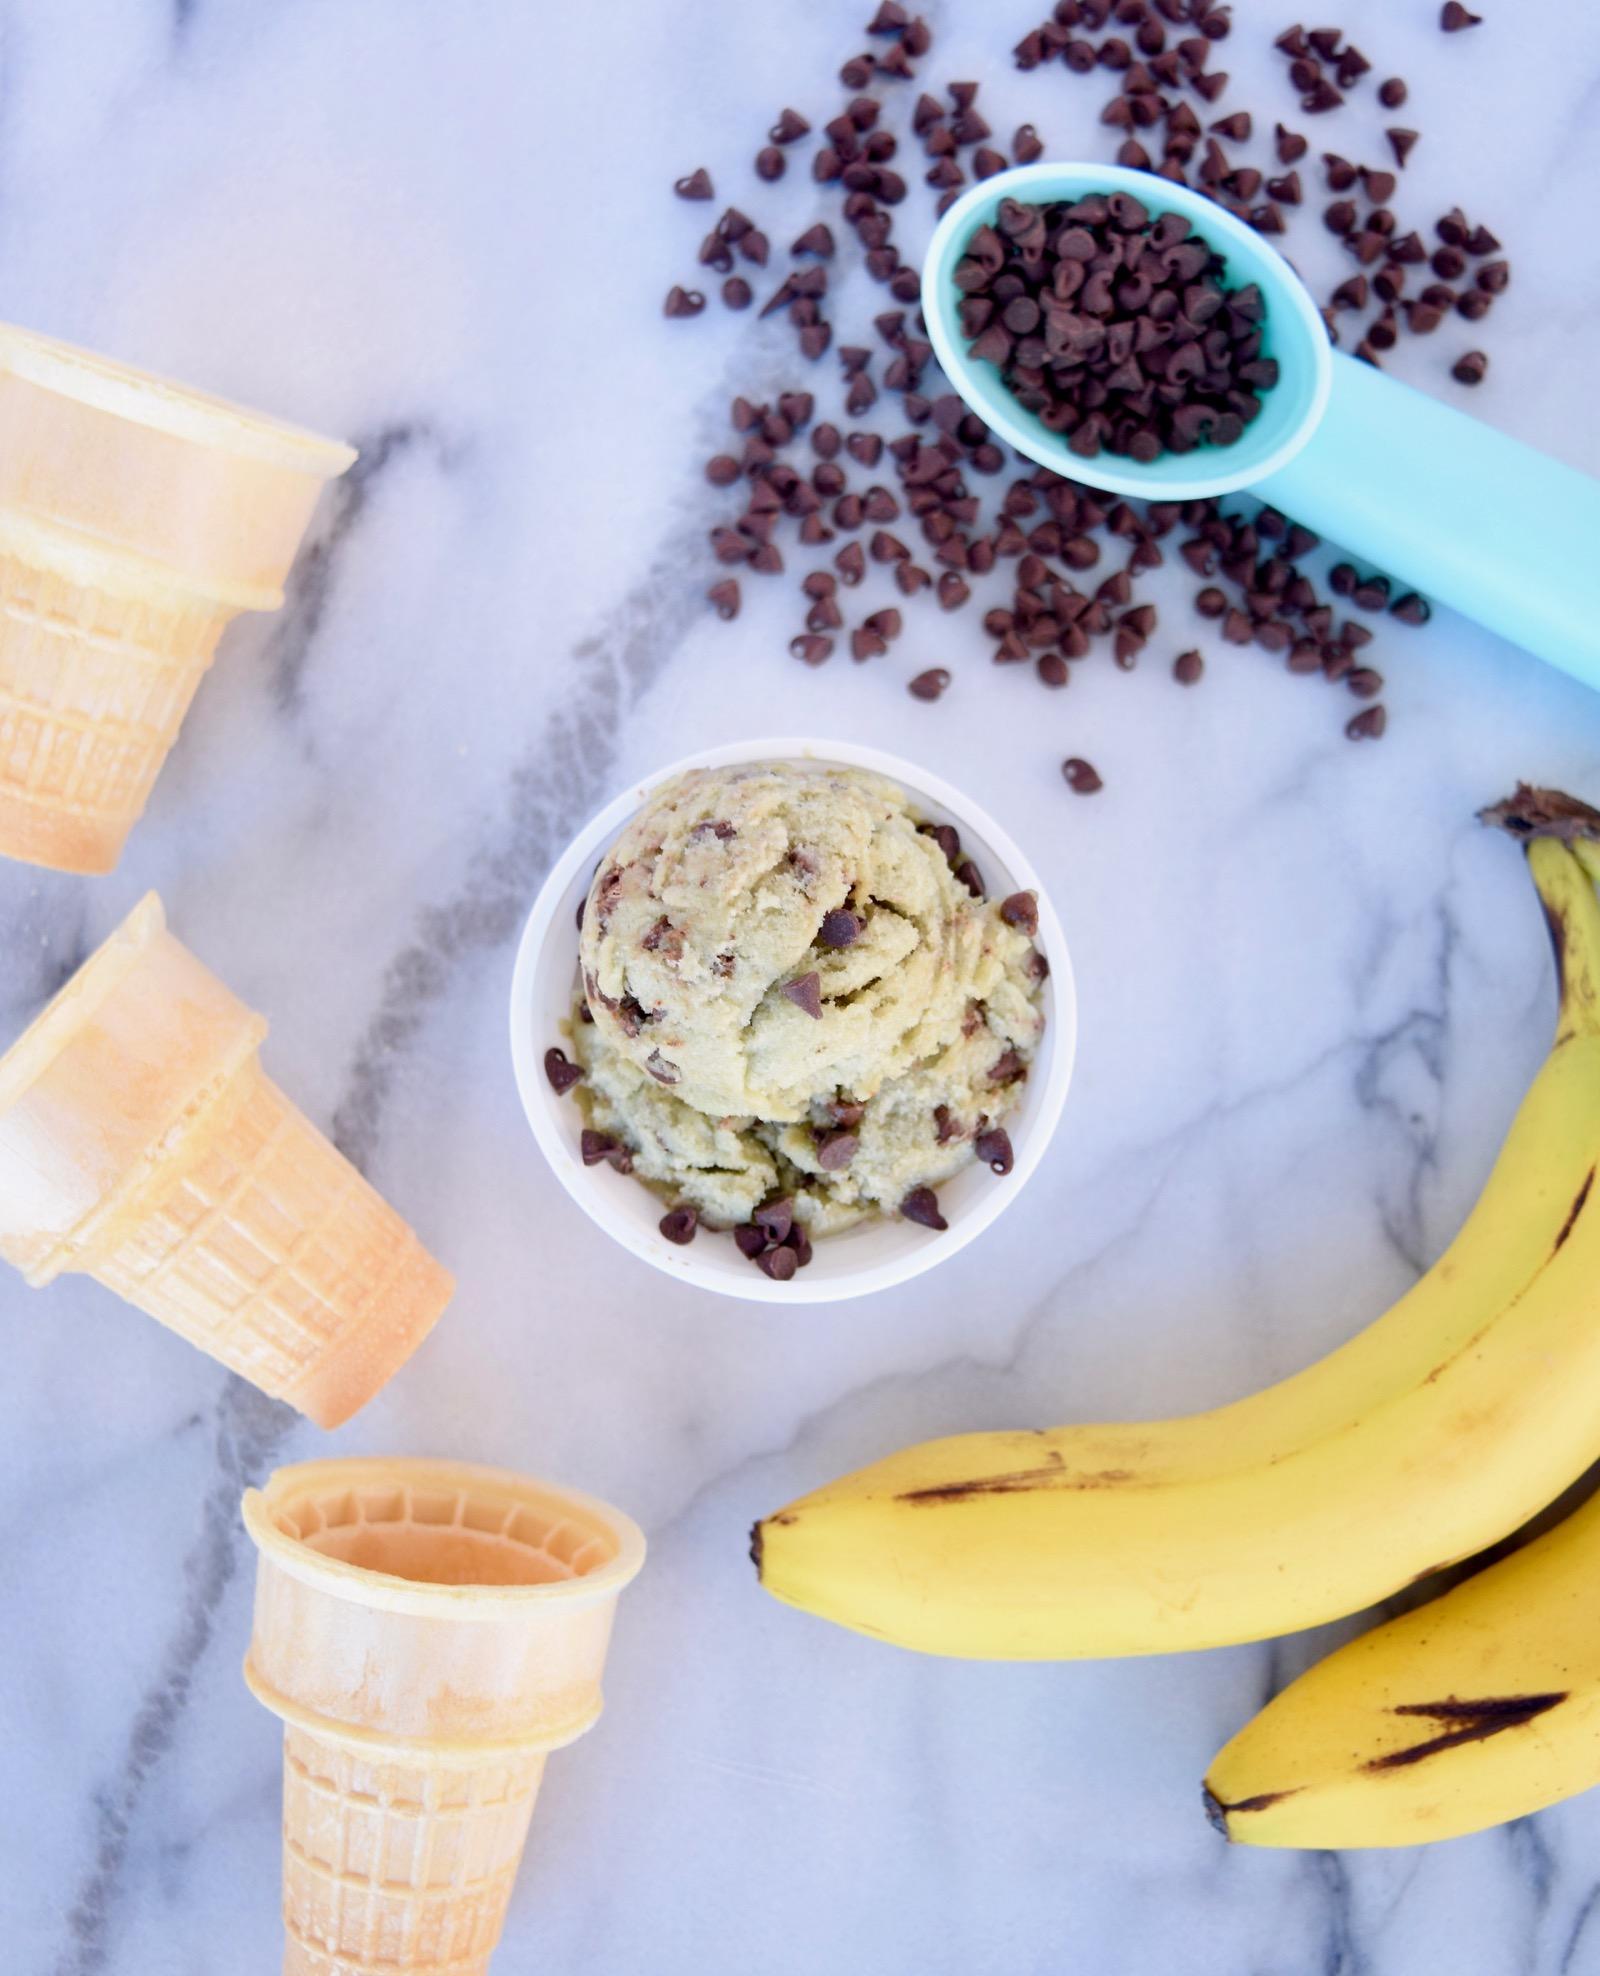 Mint Chocoalte Chip Banana Ice Cream Recipe